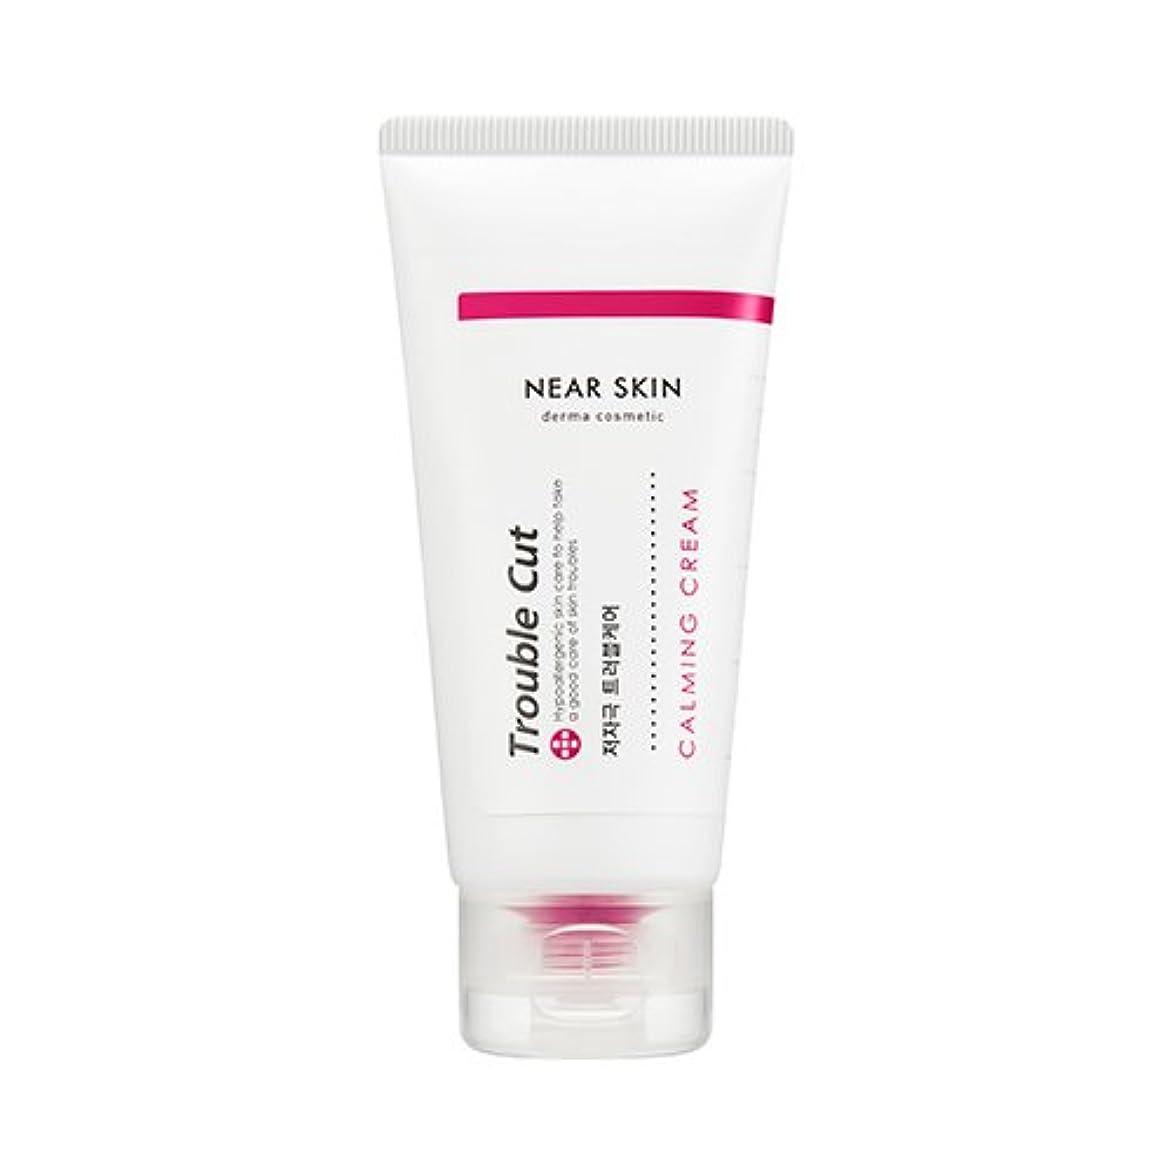 ミンチ避けられない分散MISSHA [Near Skin] Trouble Cut Calming Cream 20ml / ミシャ ニアスキン トラブルカットカミングクリーム [並行輸入品]